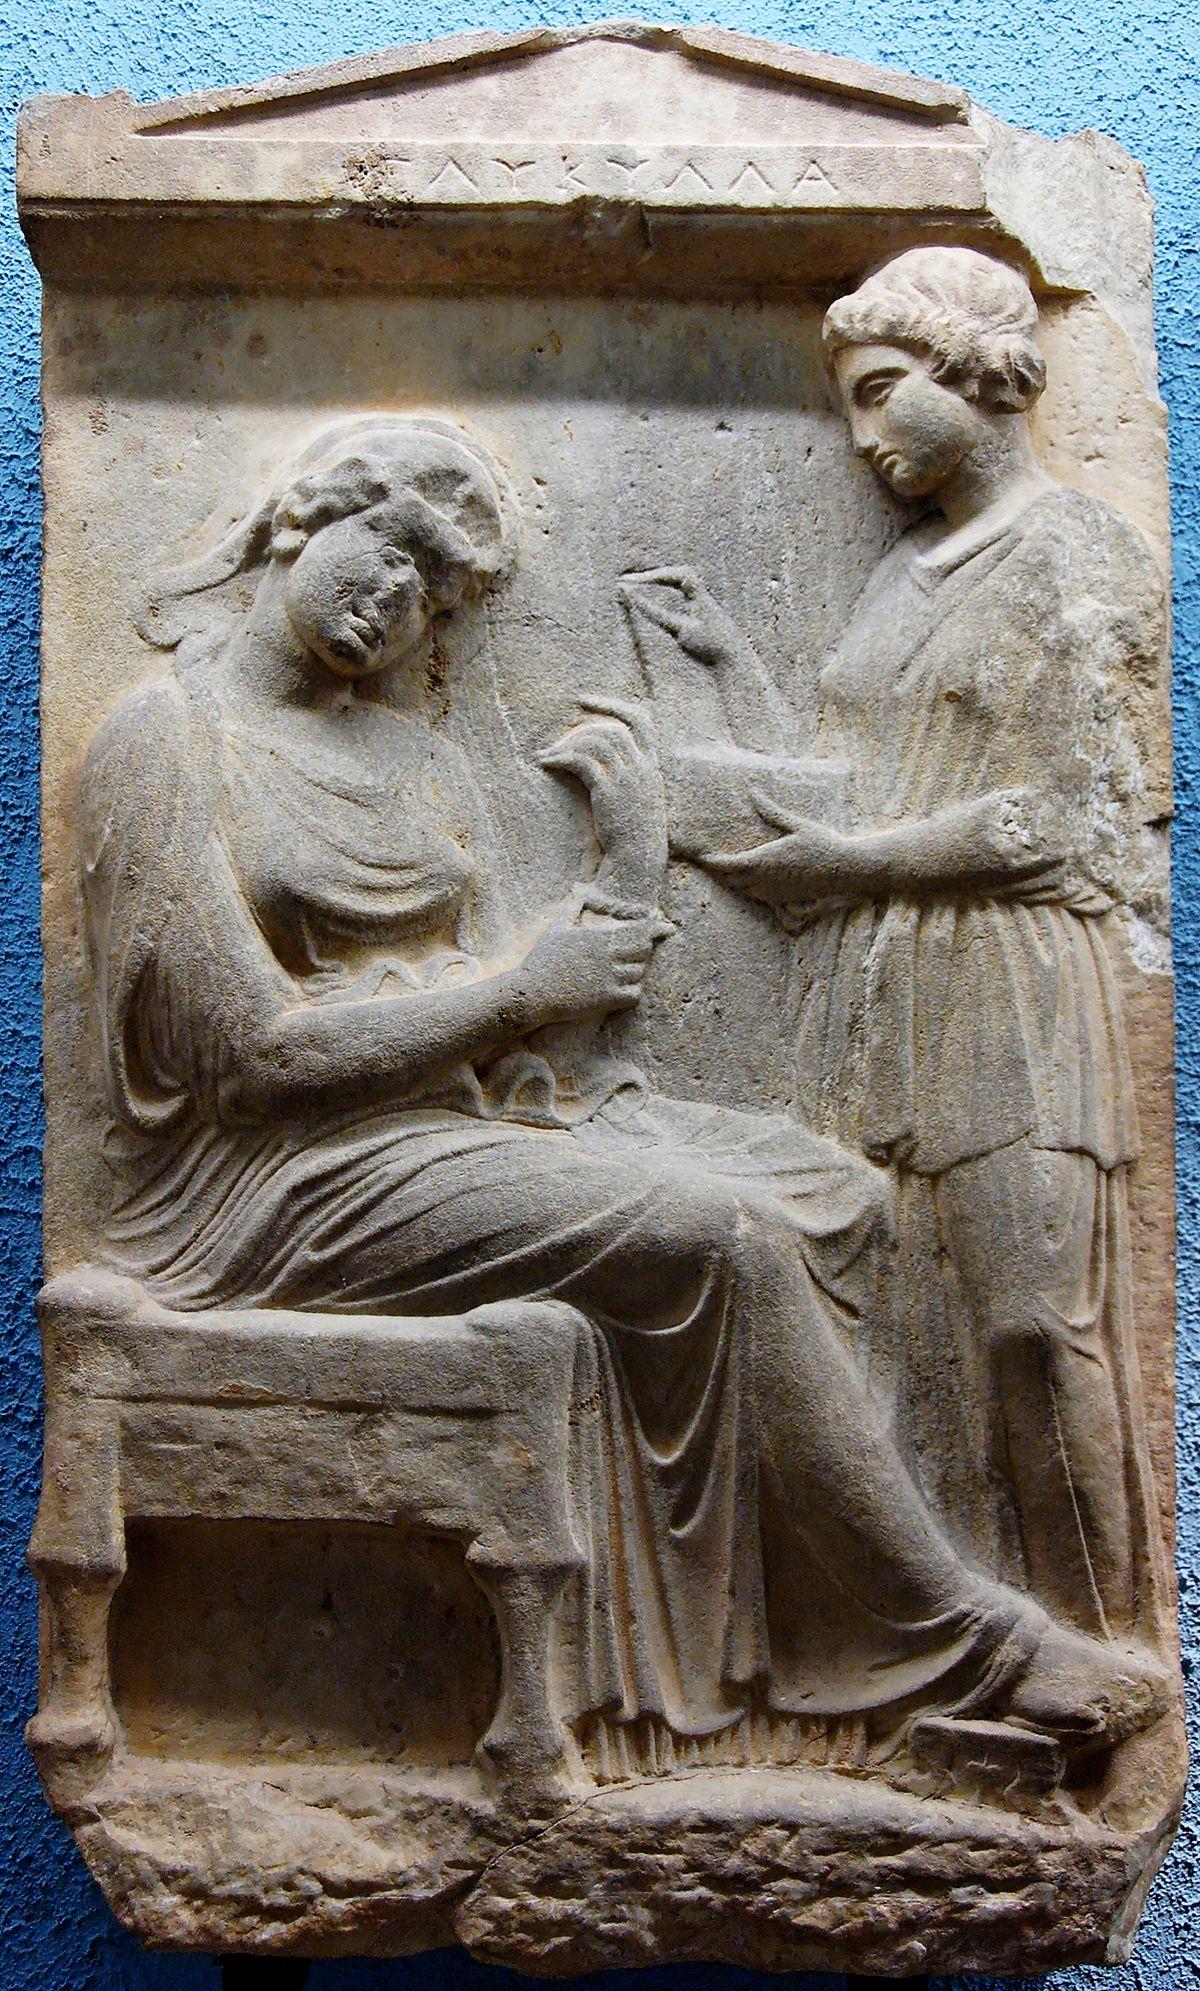 Esclavage en Grce antique  Wikipdia